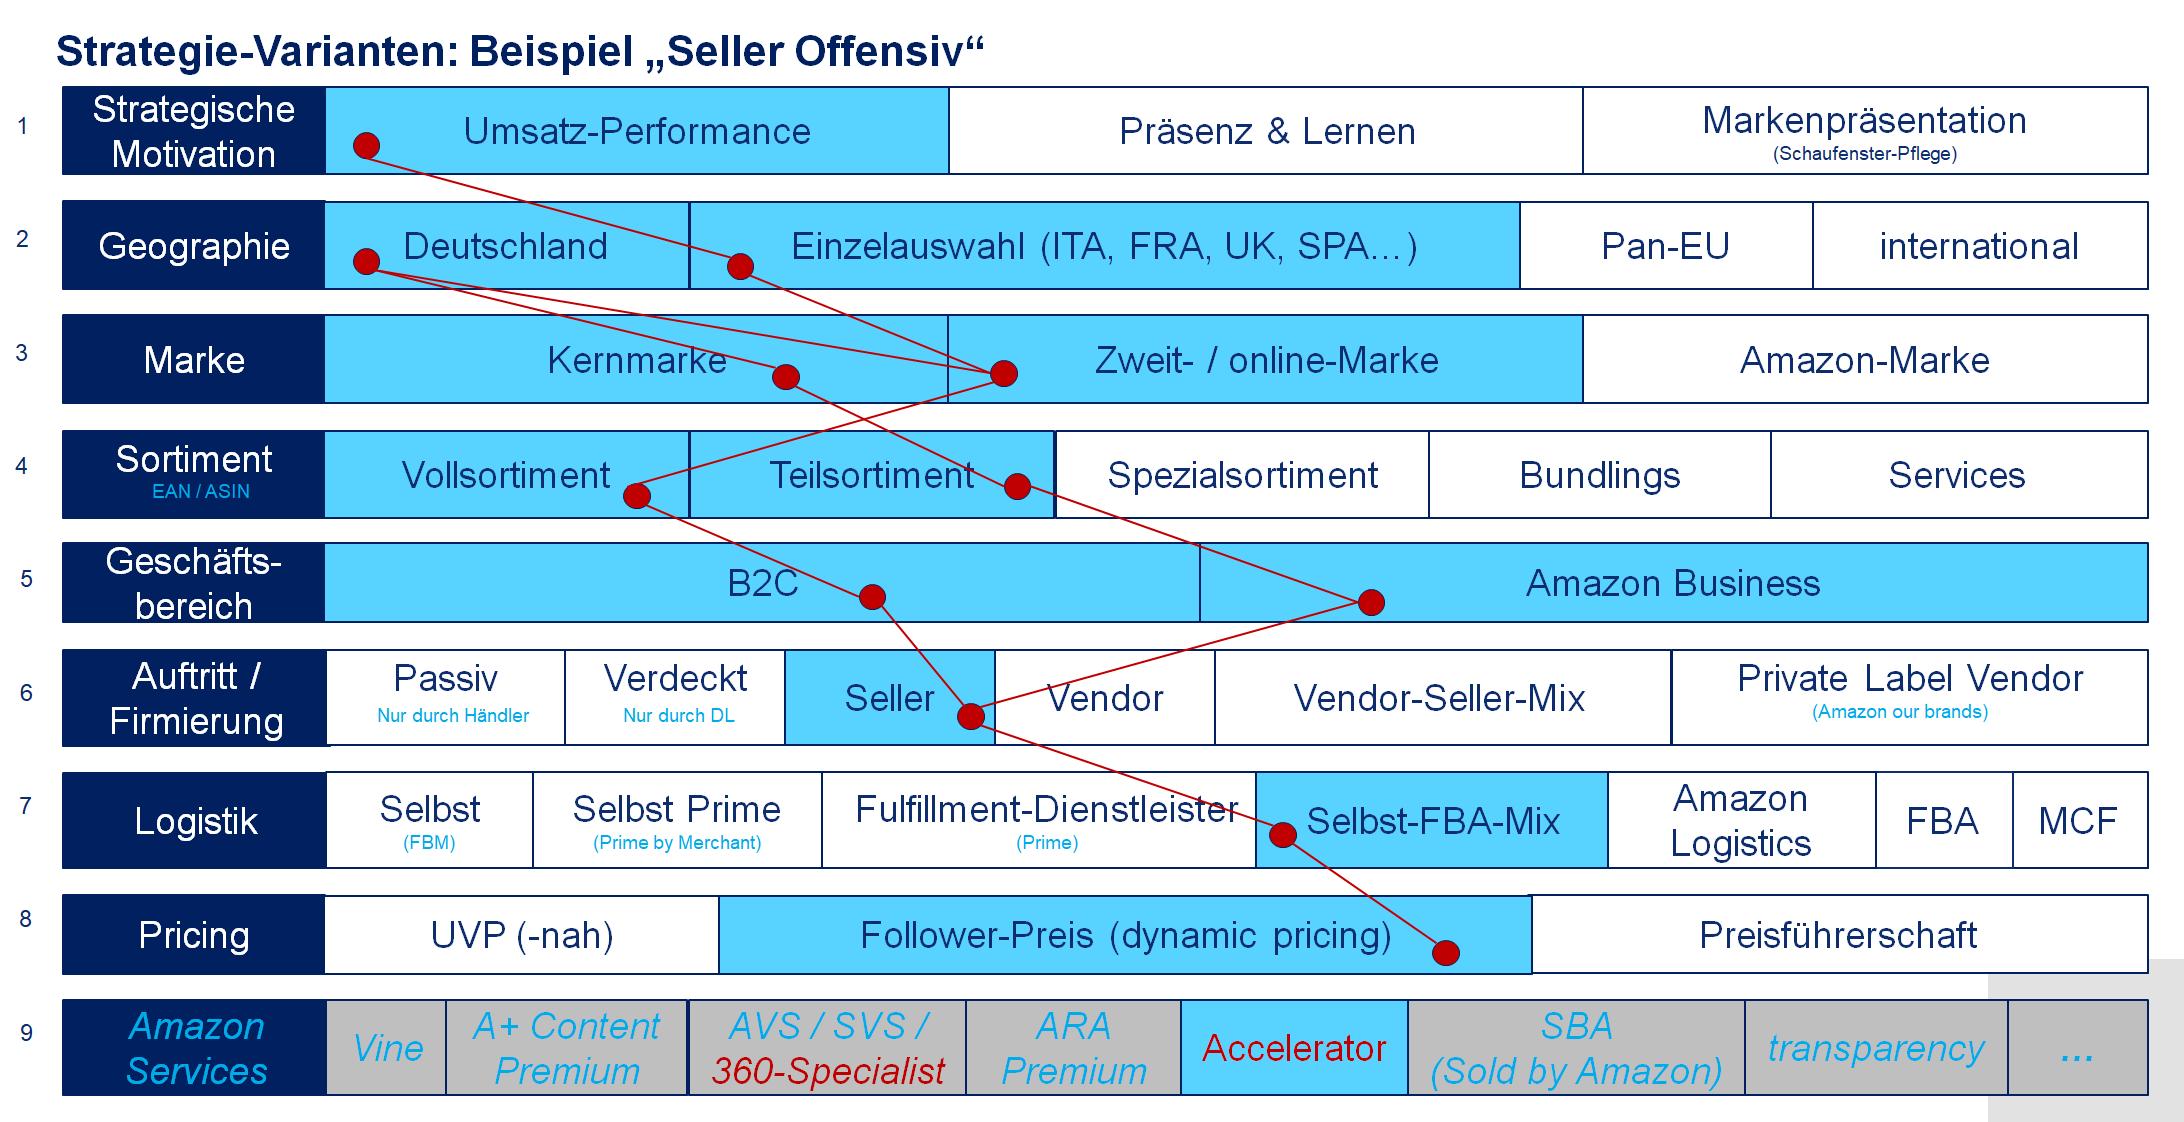 Amazon Seller Strategie Beispiel offensiv